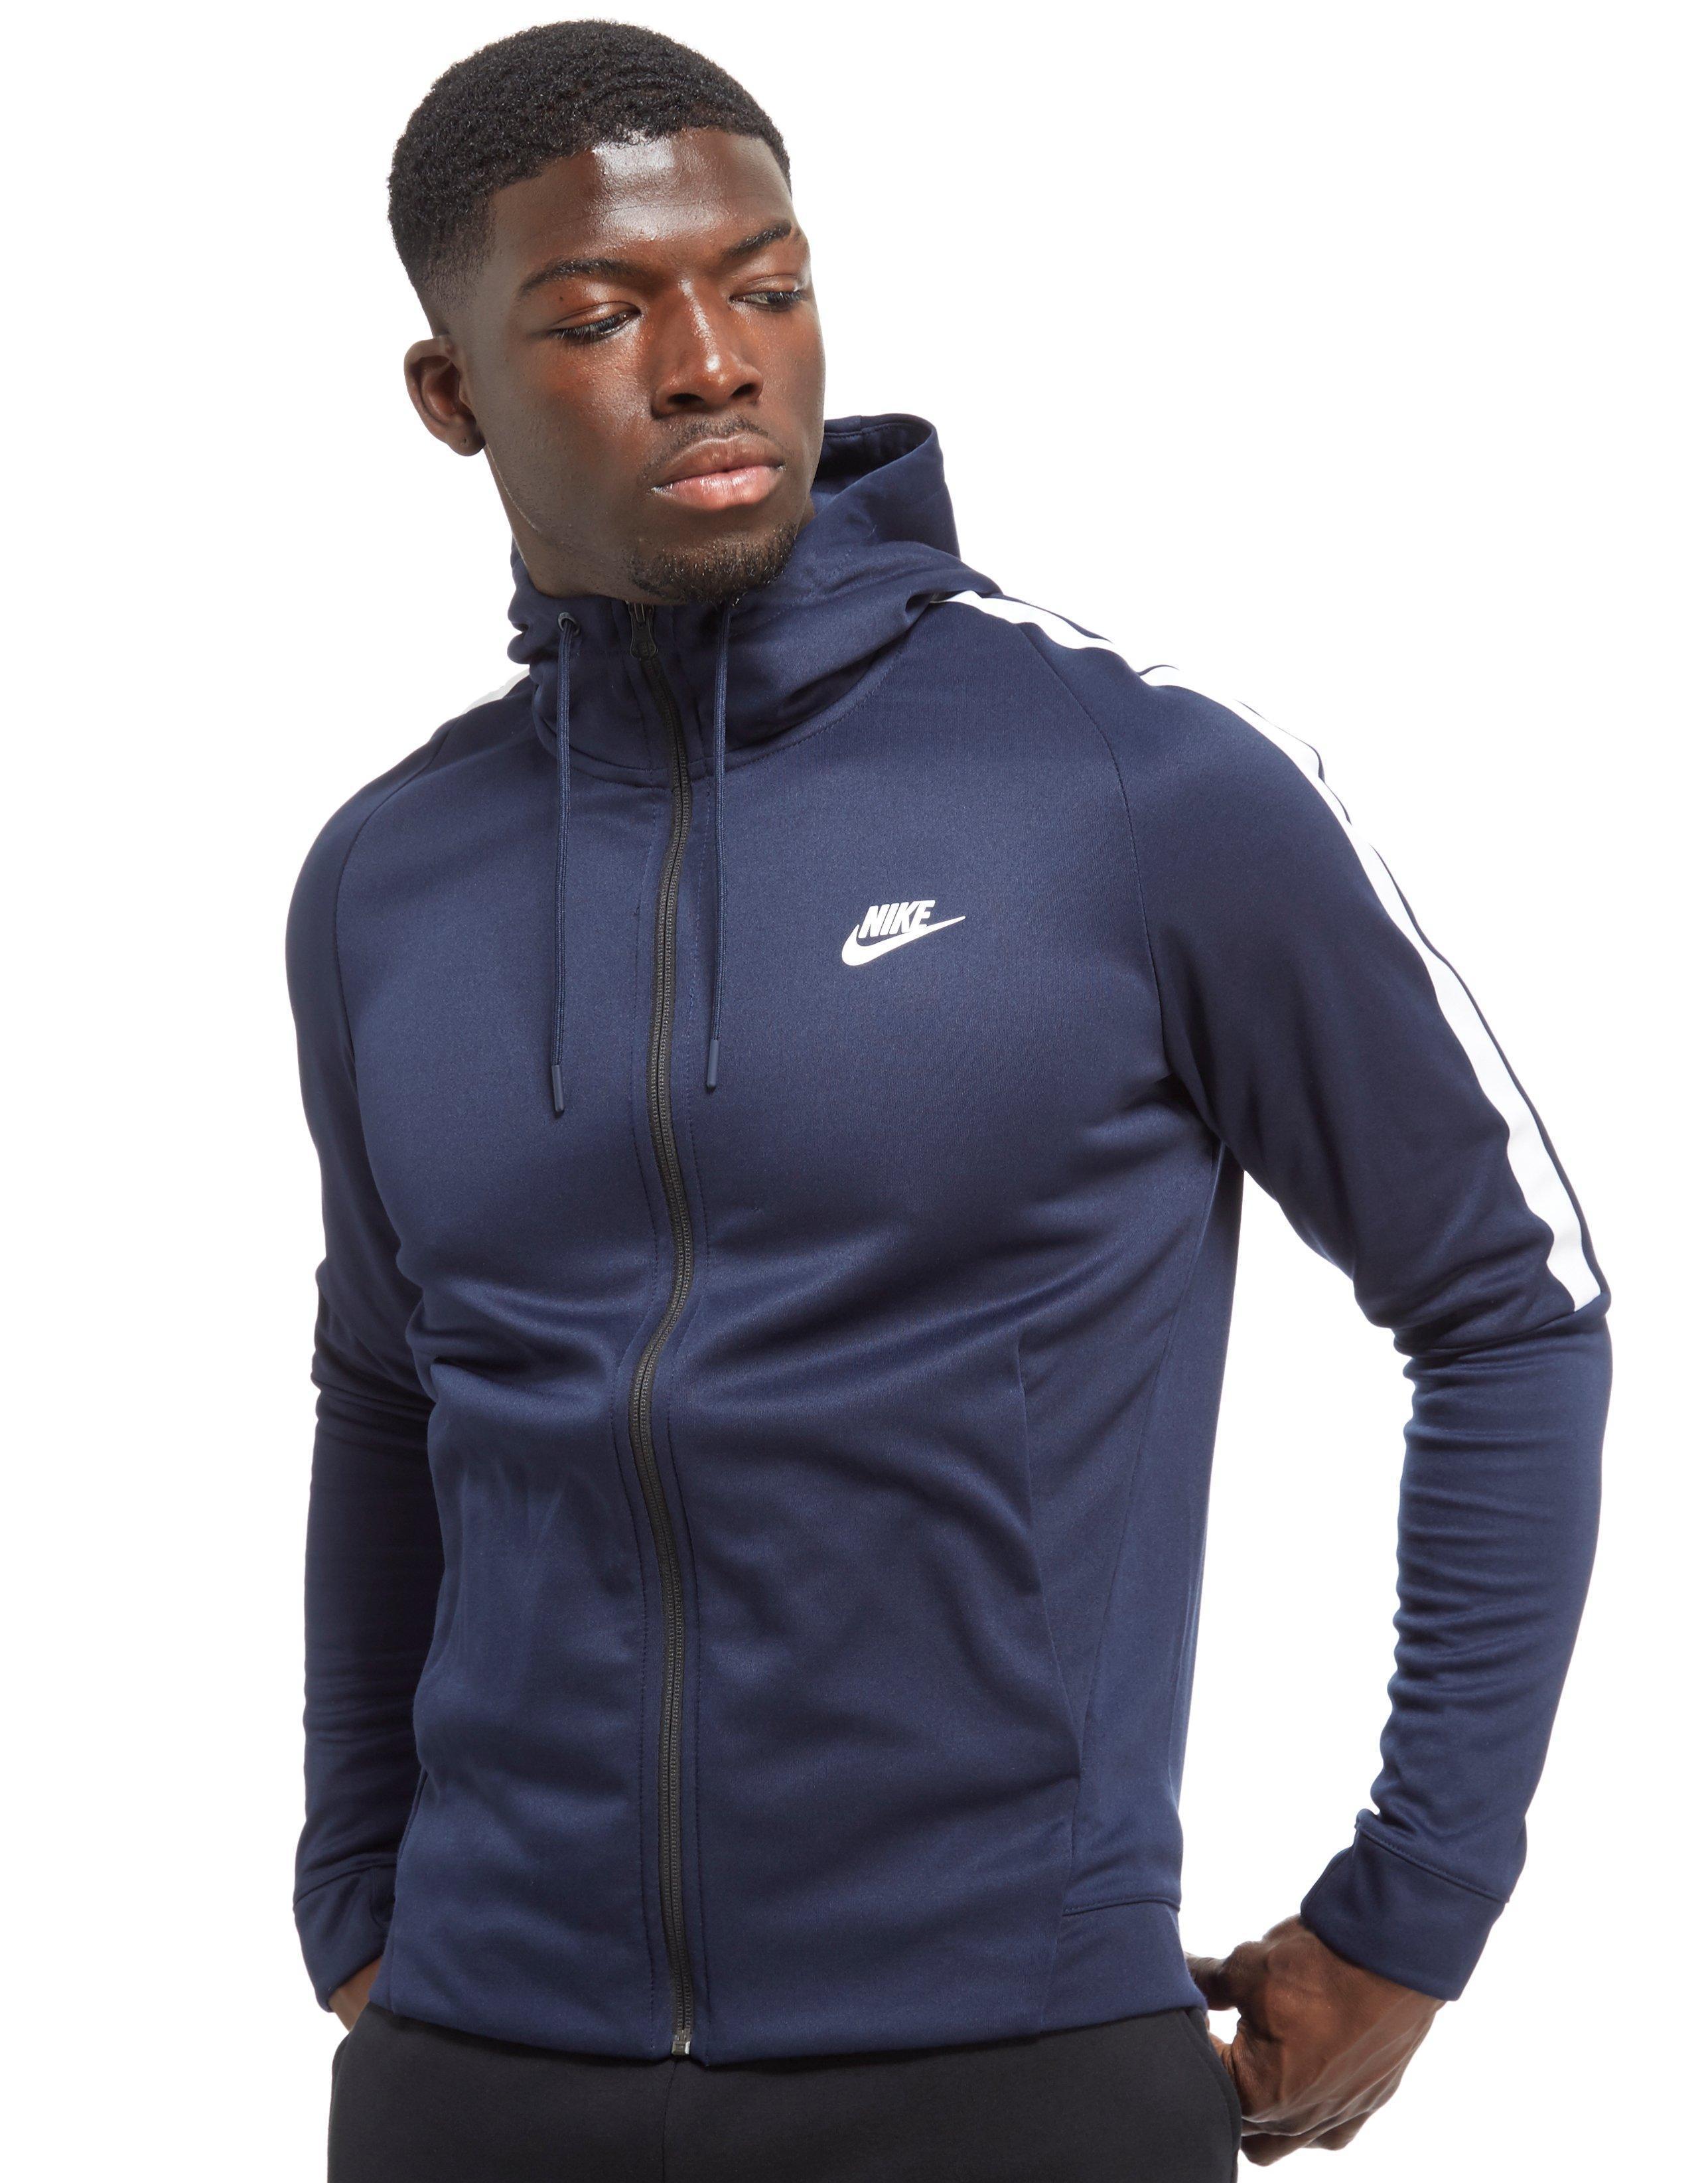 Nike 6.0 hoodie